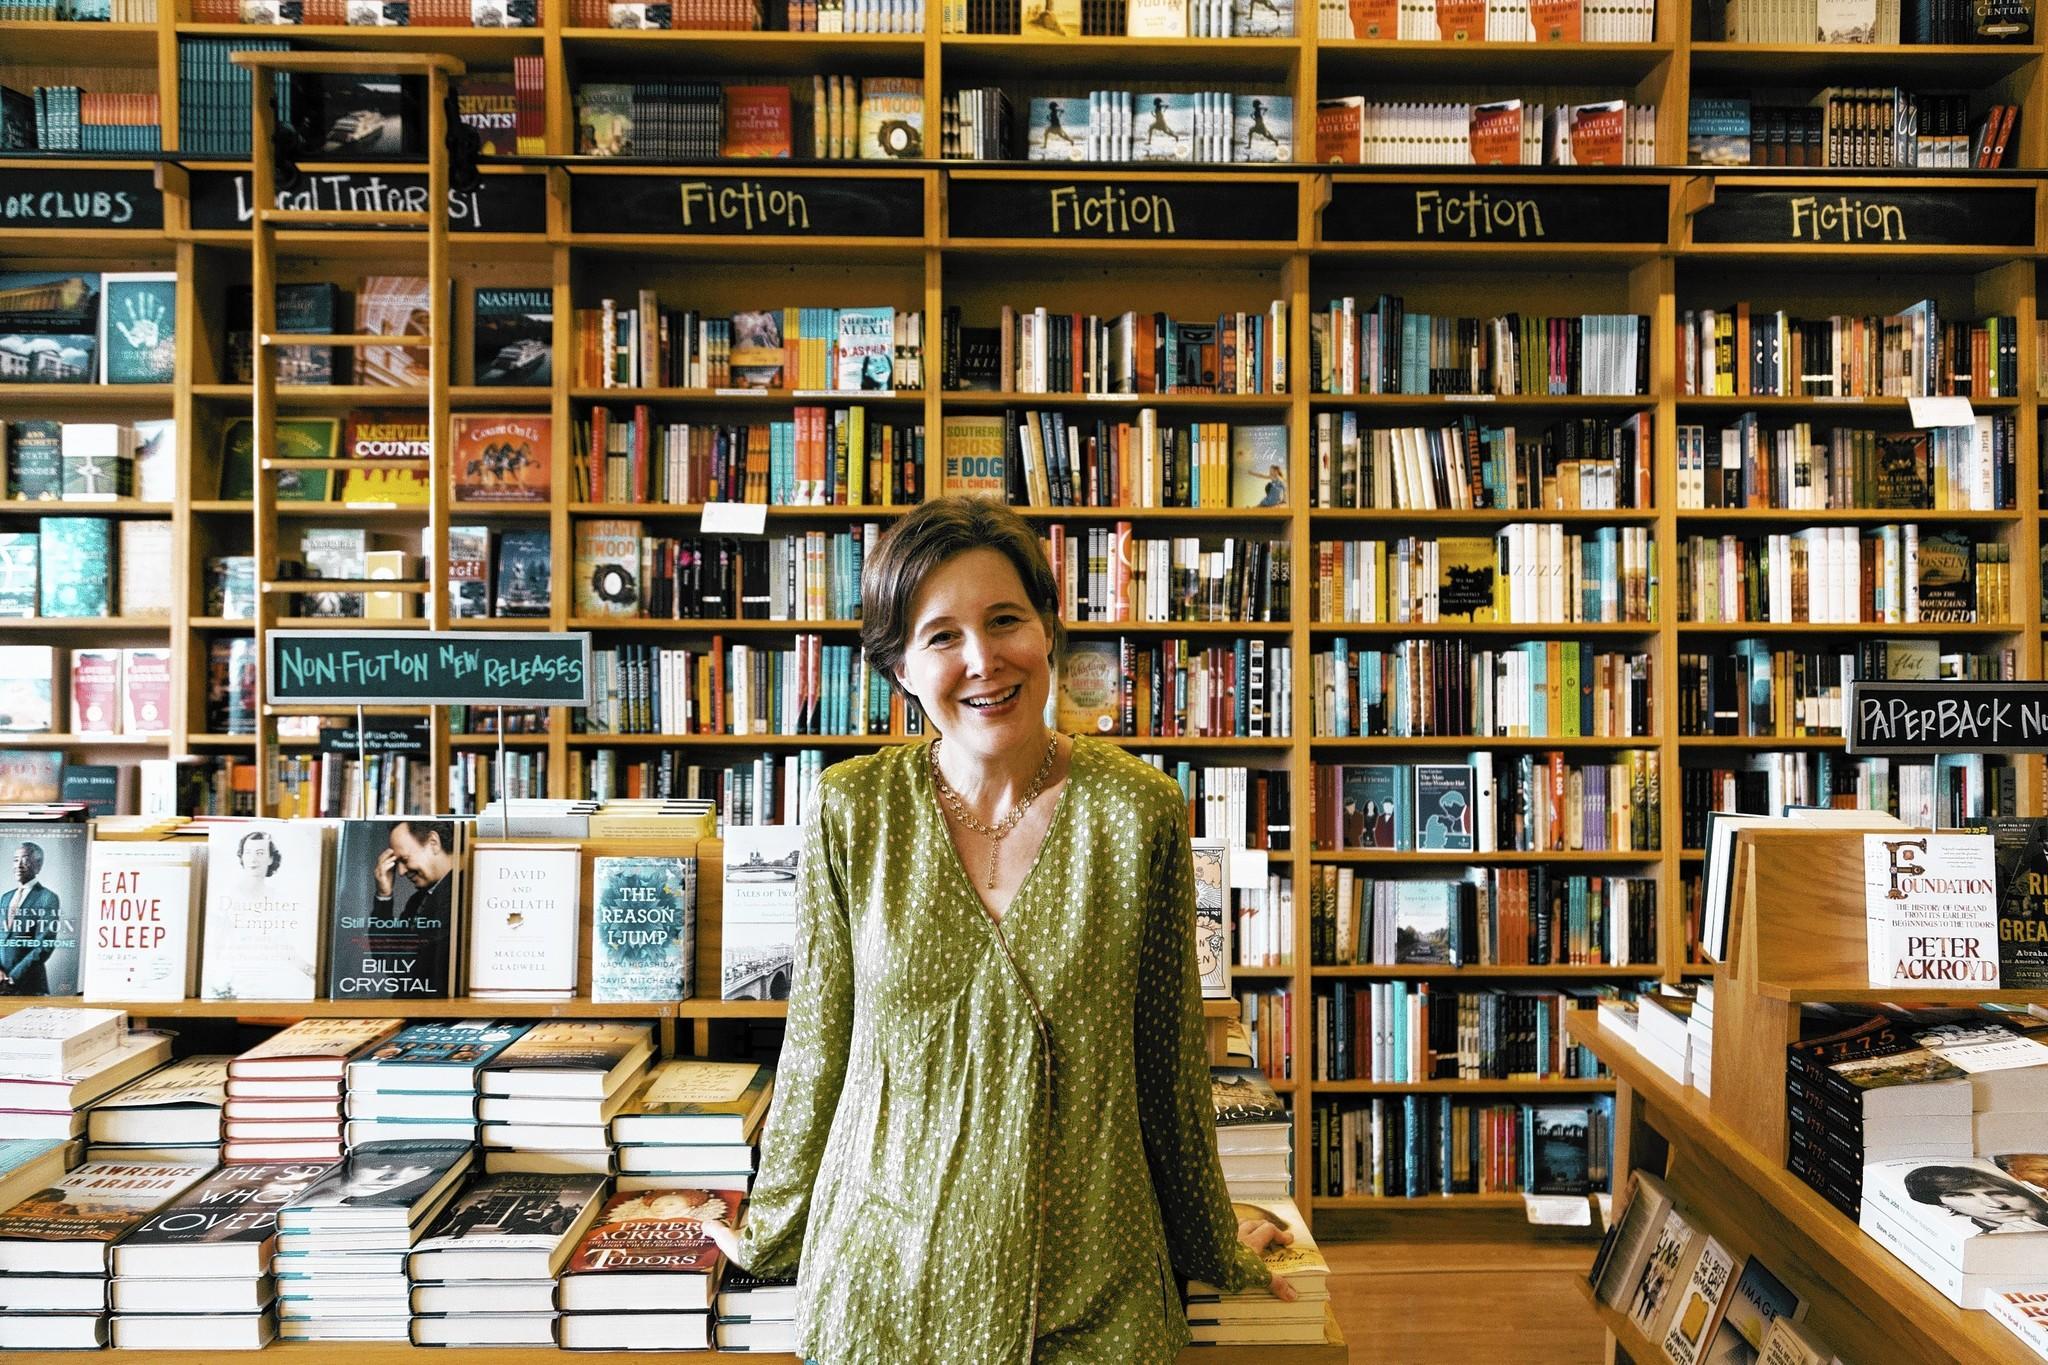 Ann Patchett at her Parnassus Books store in Nashville, Tenn.